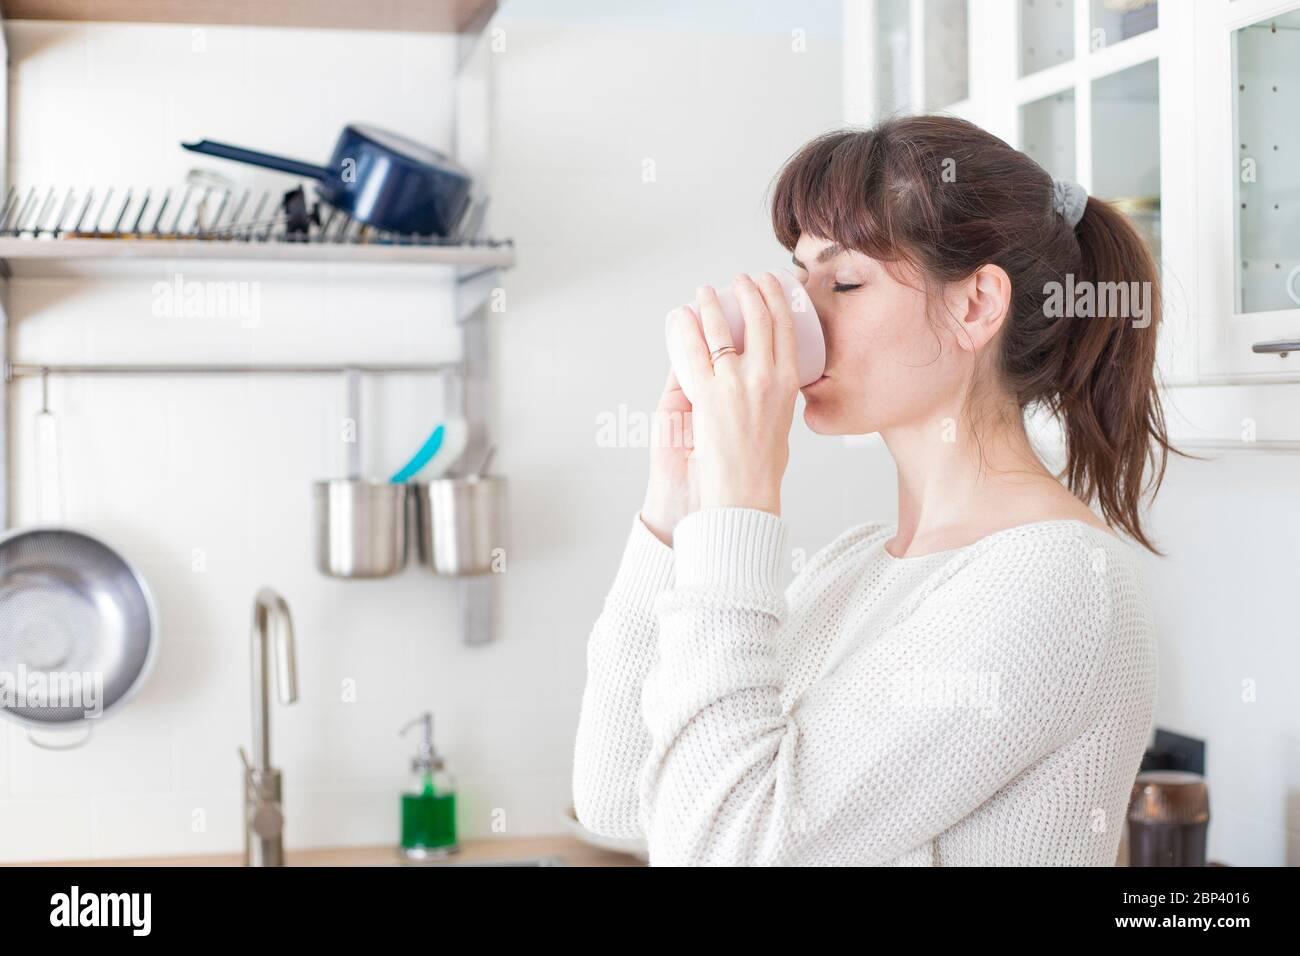 Jolie femme caucasienne, avec des lanières et de la queue de cheval, buvant une tasse de café le matin dans une cuisine blanche et lumineuse. Portrait de profil, yeux proches Banque D'Images